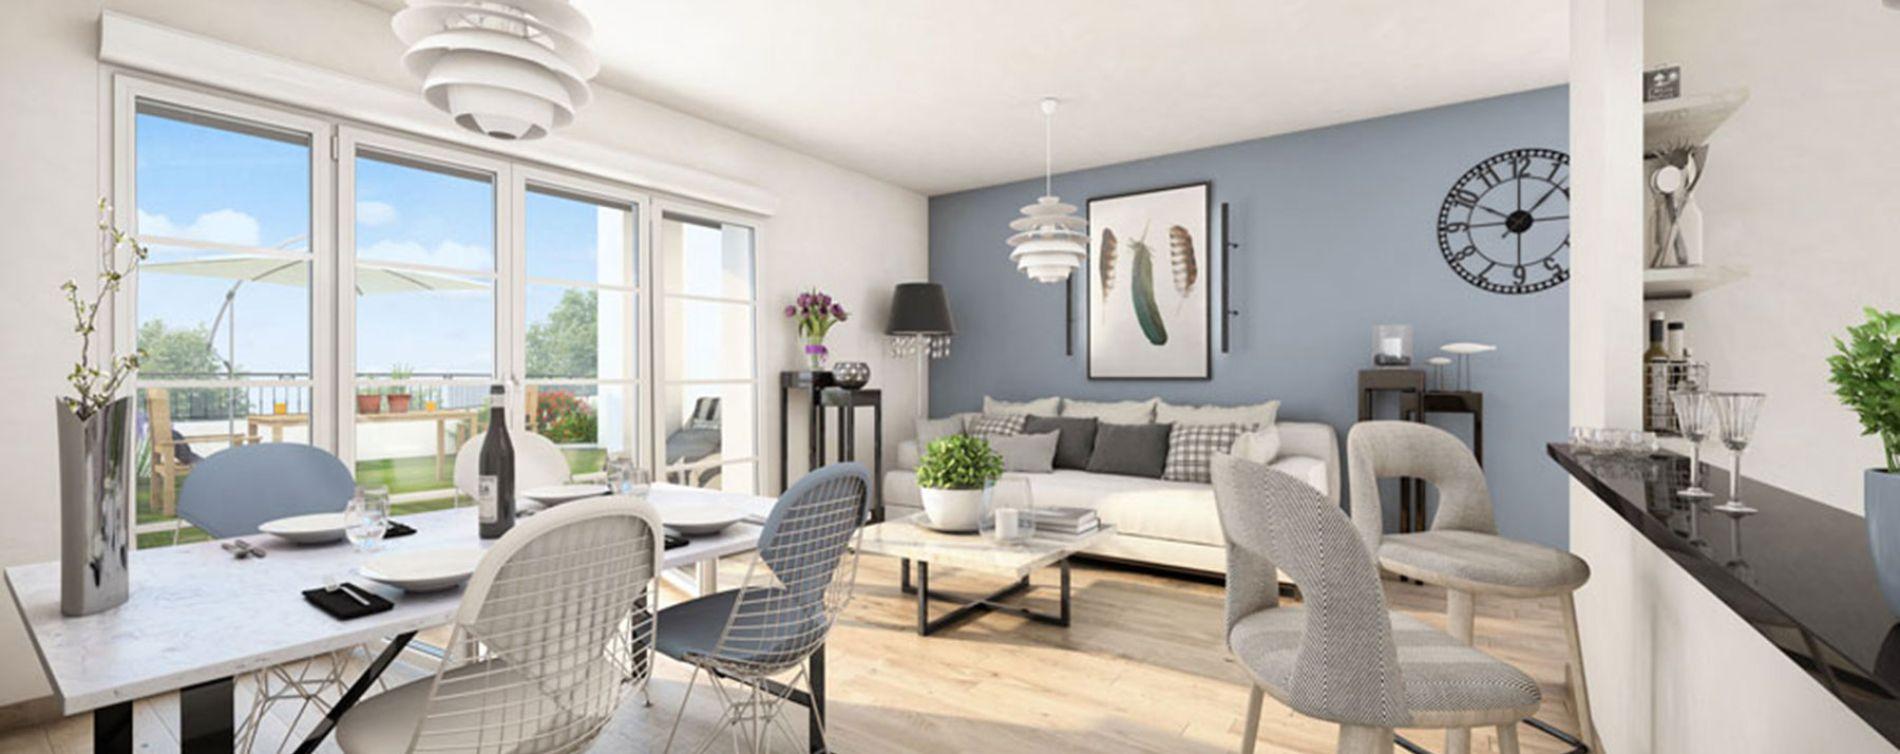 Puteaux : programme immobilier neuve « L'Orangerie » (3)